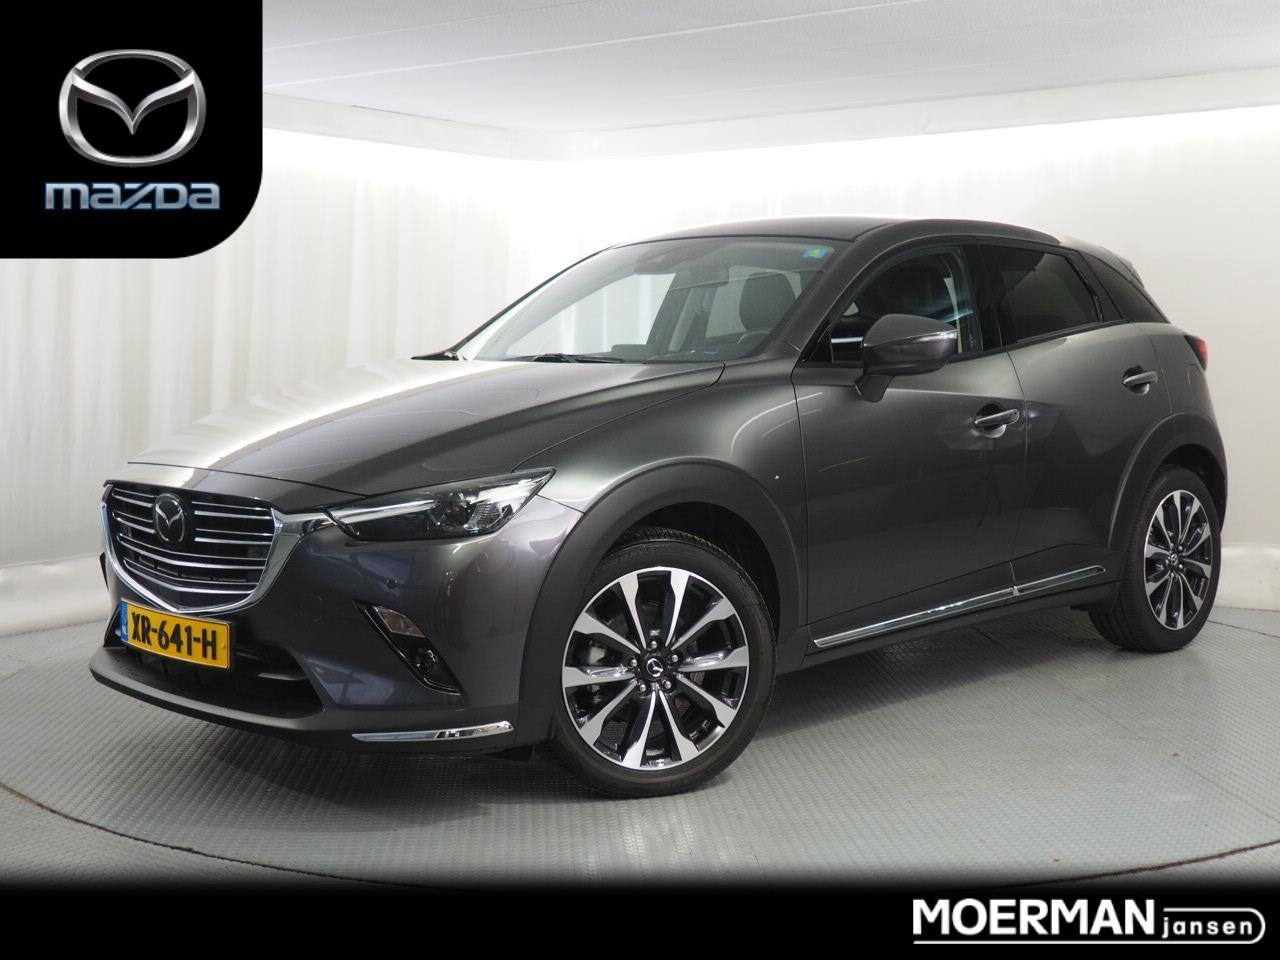 Mazda Cx-3 2.0 gt-m demo / duurste uitvoering / apple car play / radar cruise control / aanbieding!